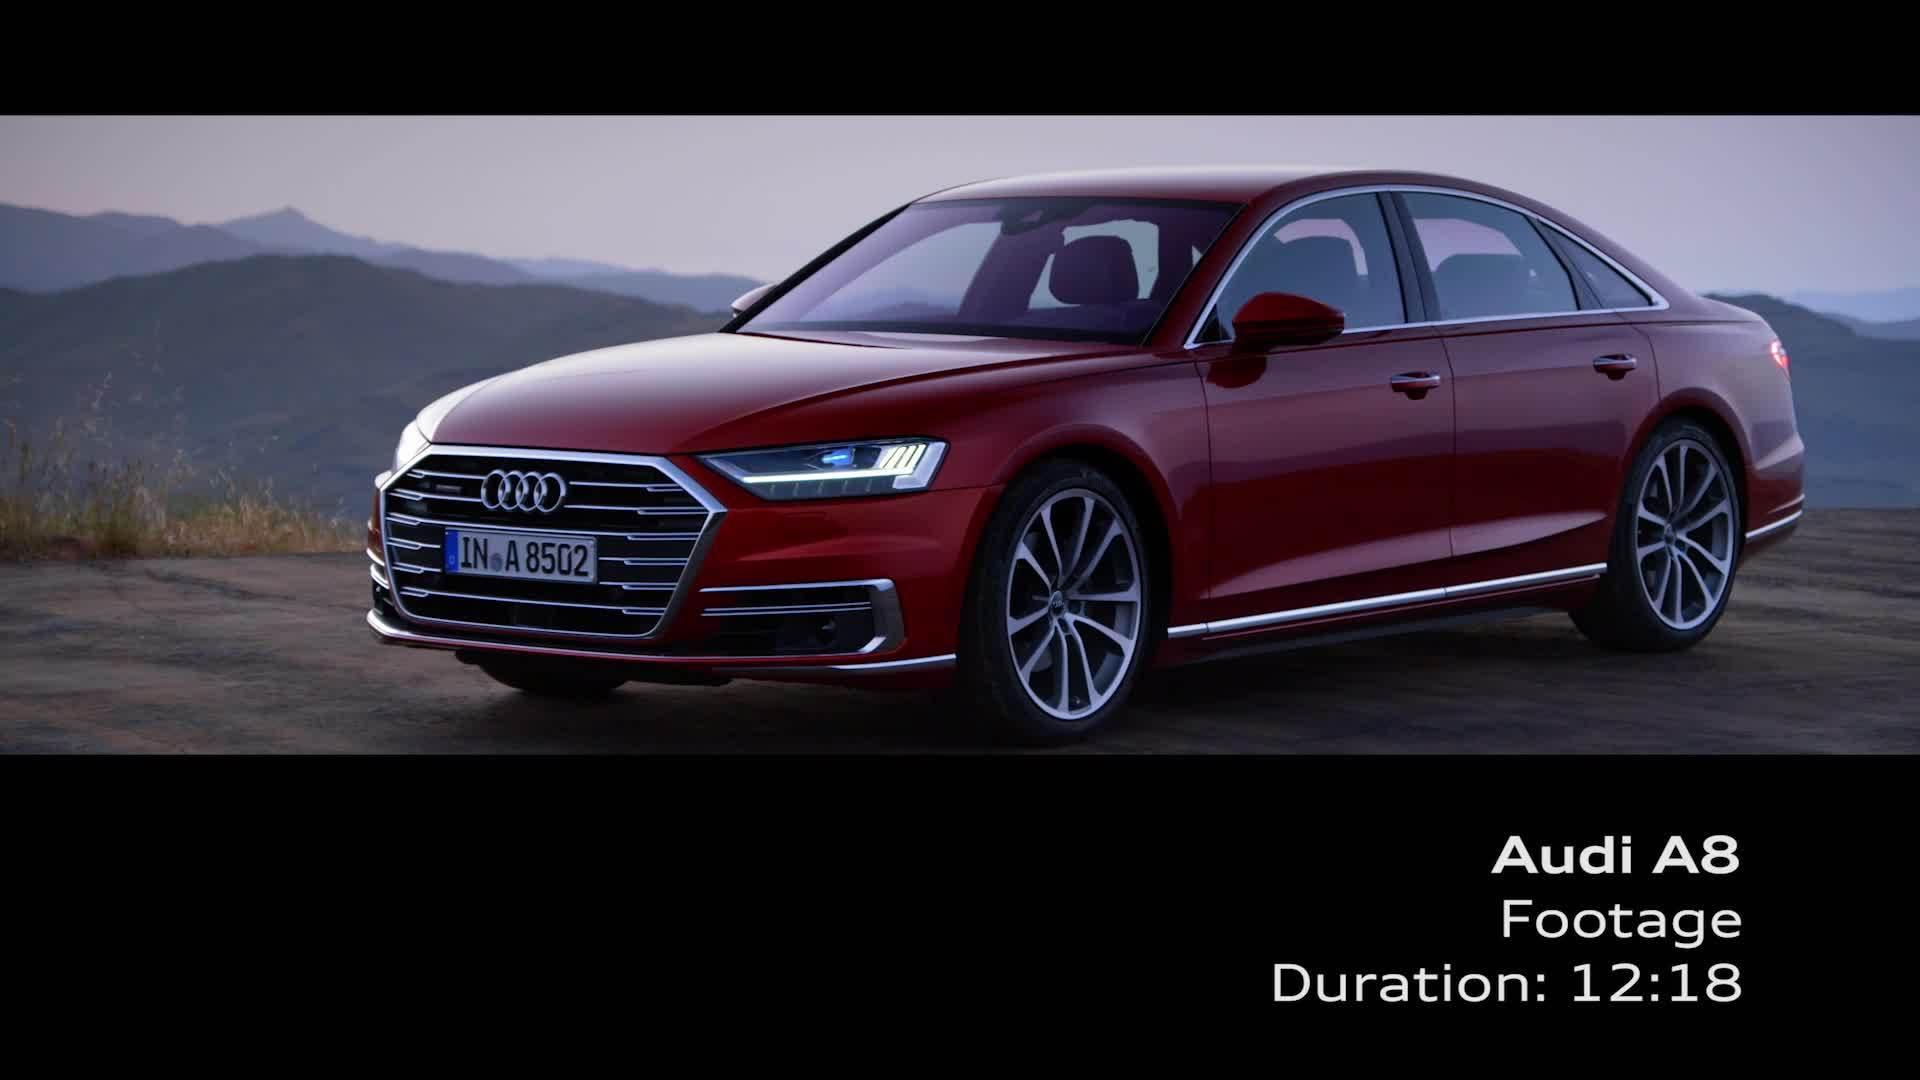 Audi A8 Footage